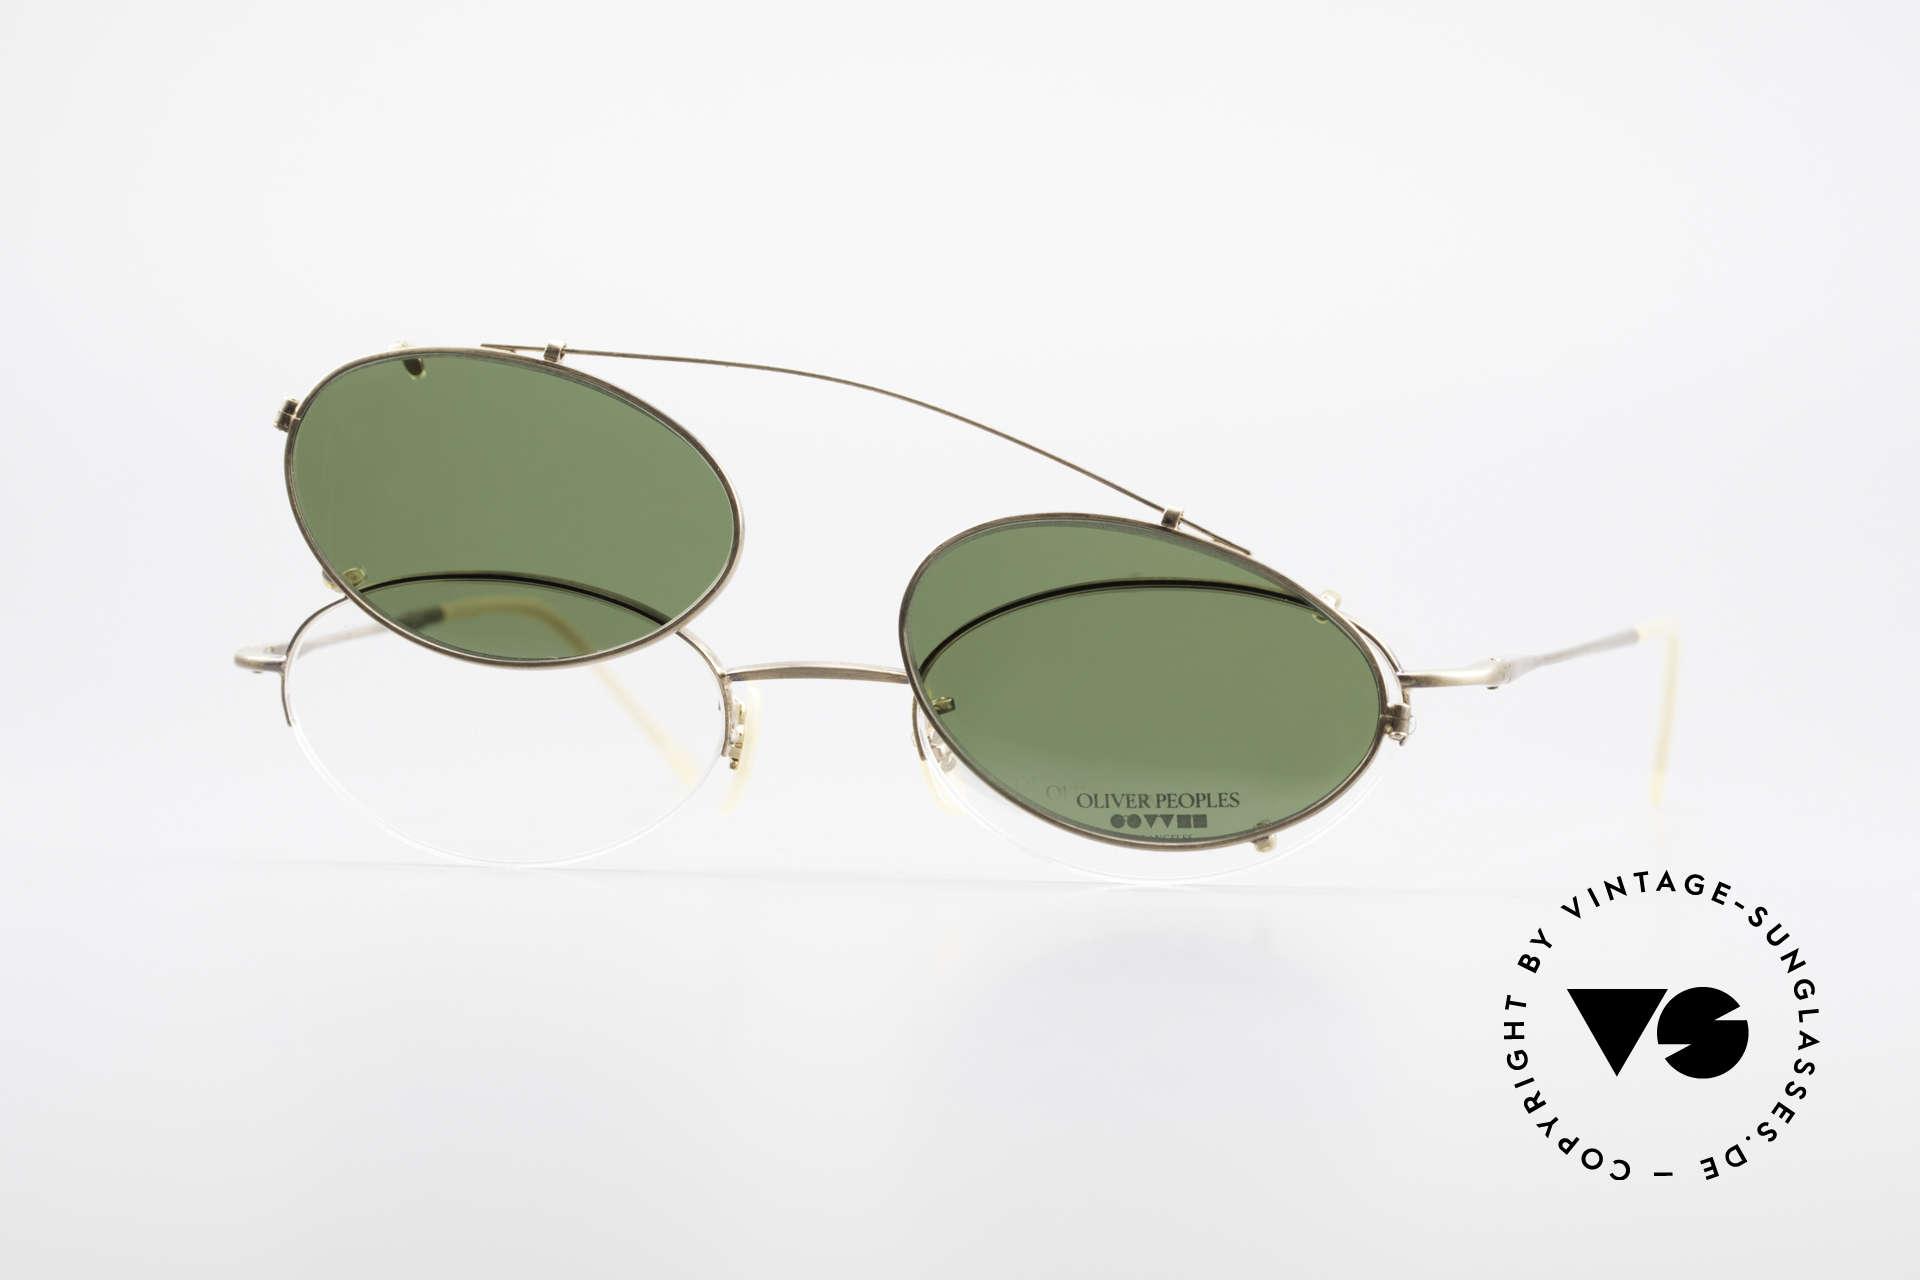 Oliver Peoples OP599 Ovale Vintage Brille Mit Clip, Qualitätsfassung kann beliebig optisch verglast werden, Passend für Herren und Damen